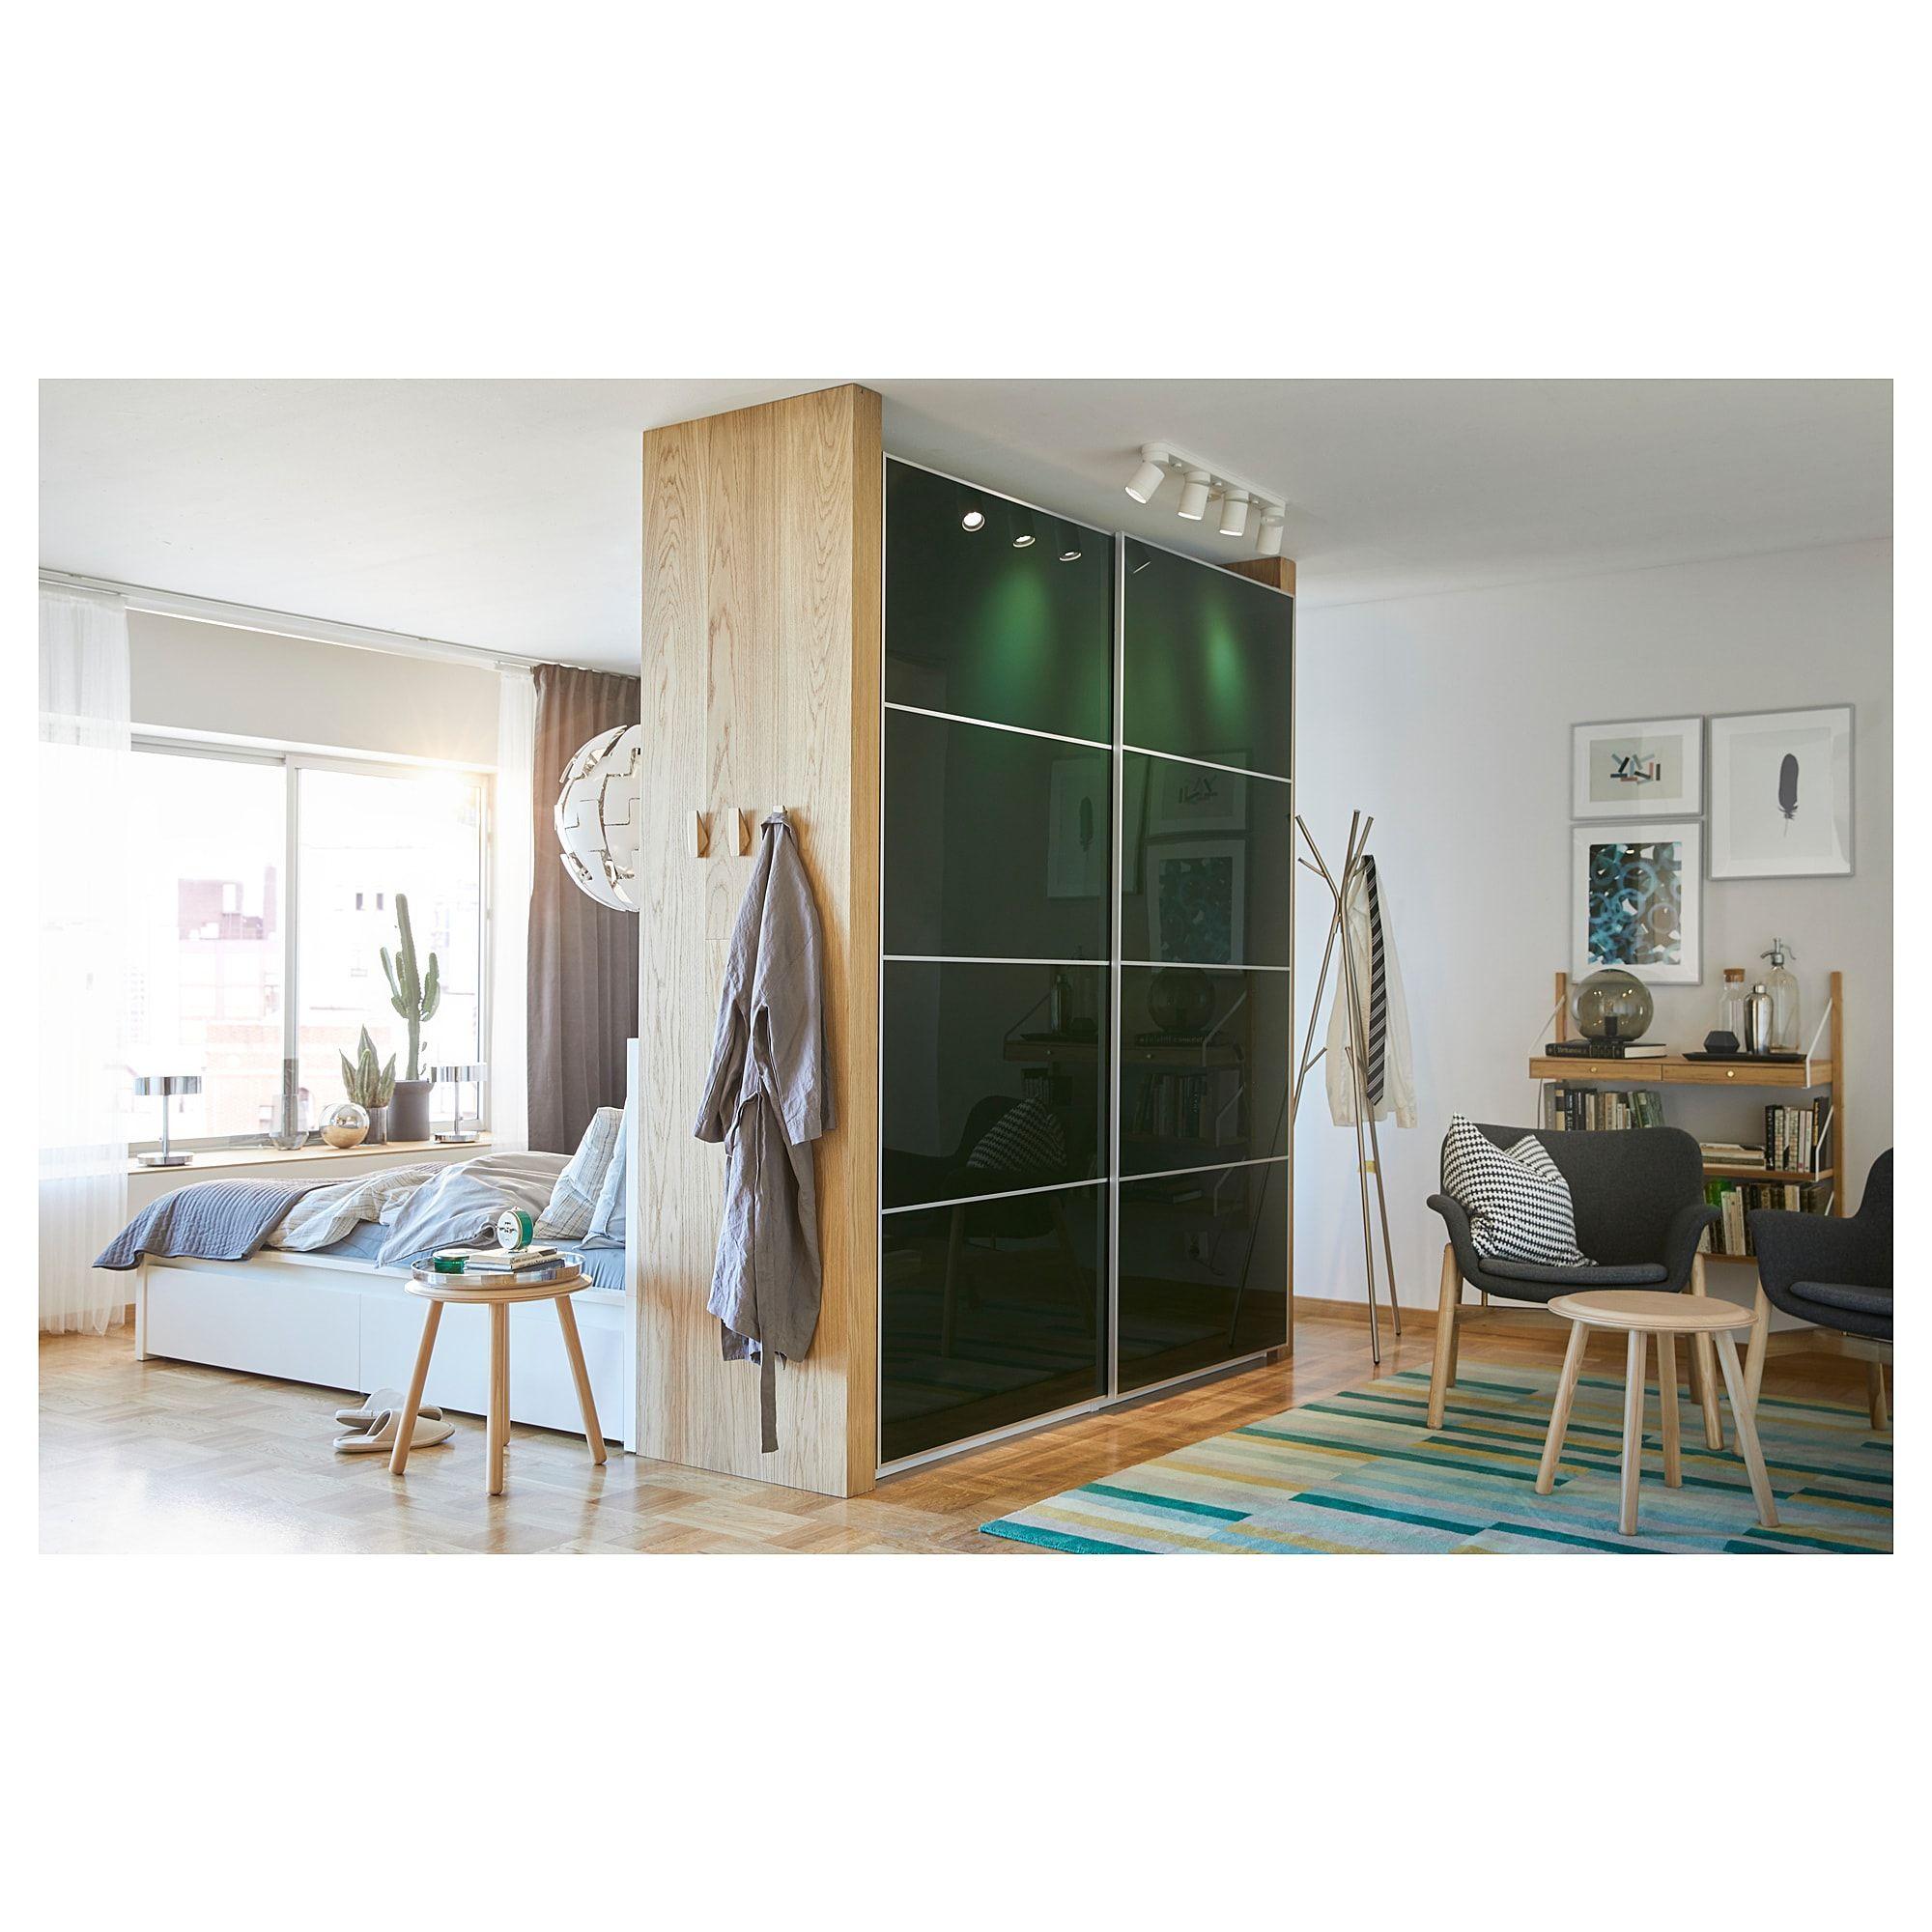 PAX Wardrobe white Hokksund, high gloss dark green in